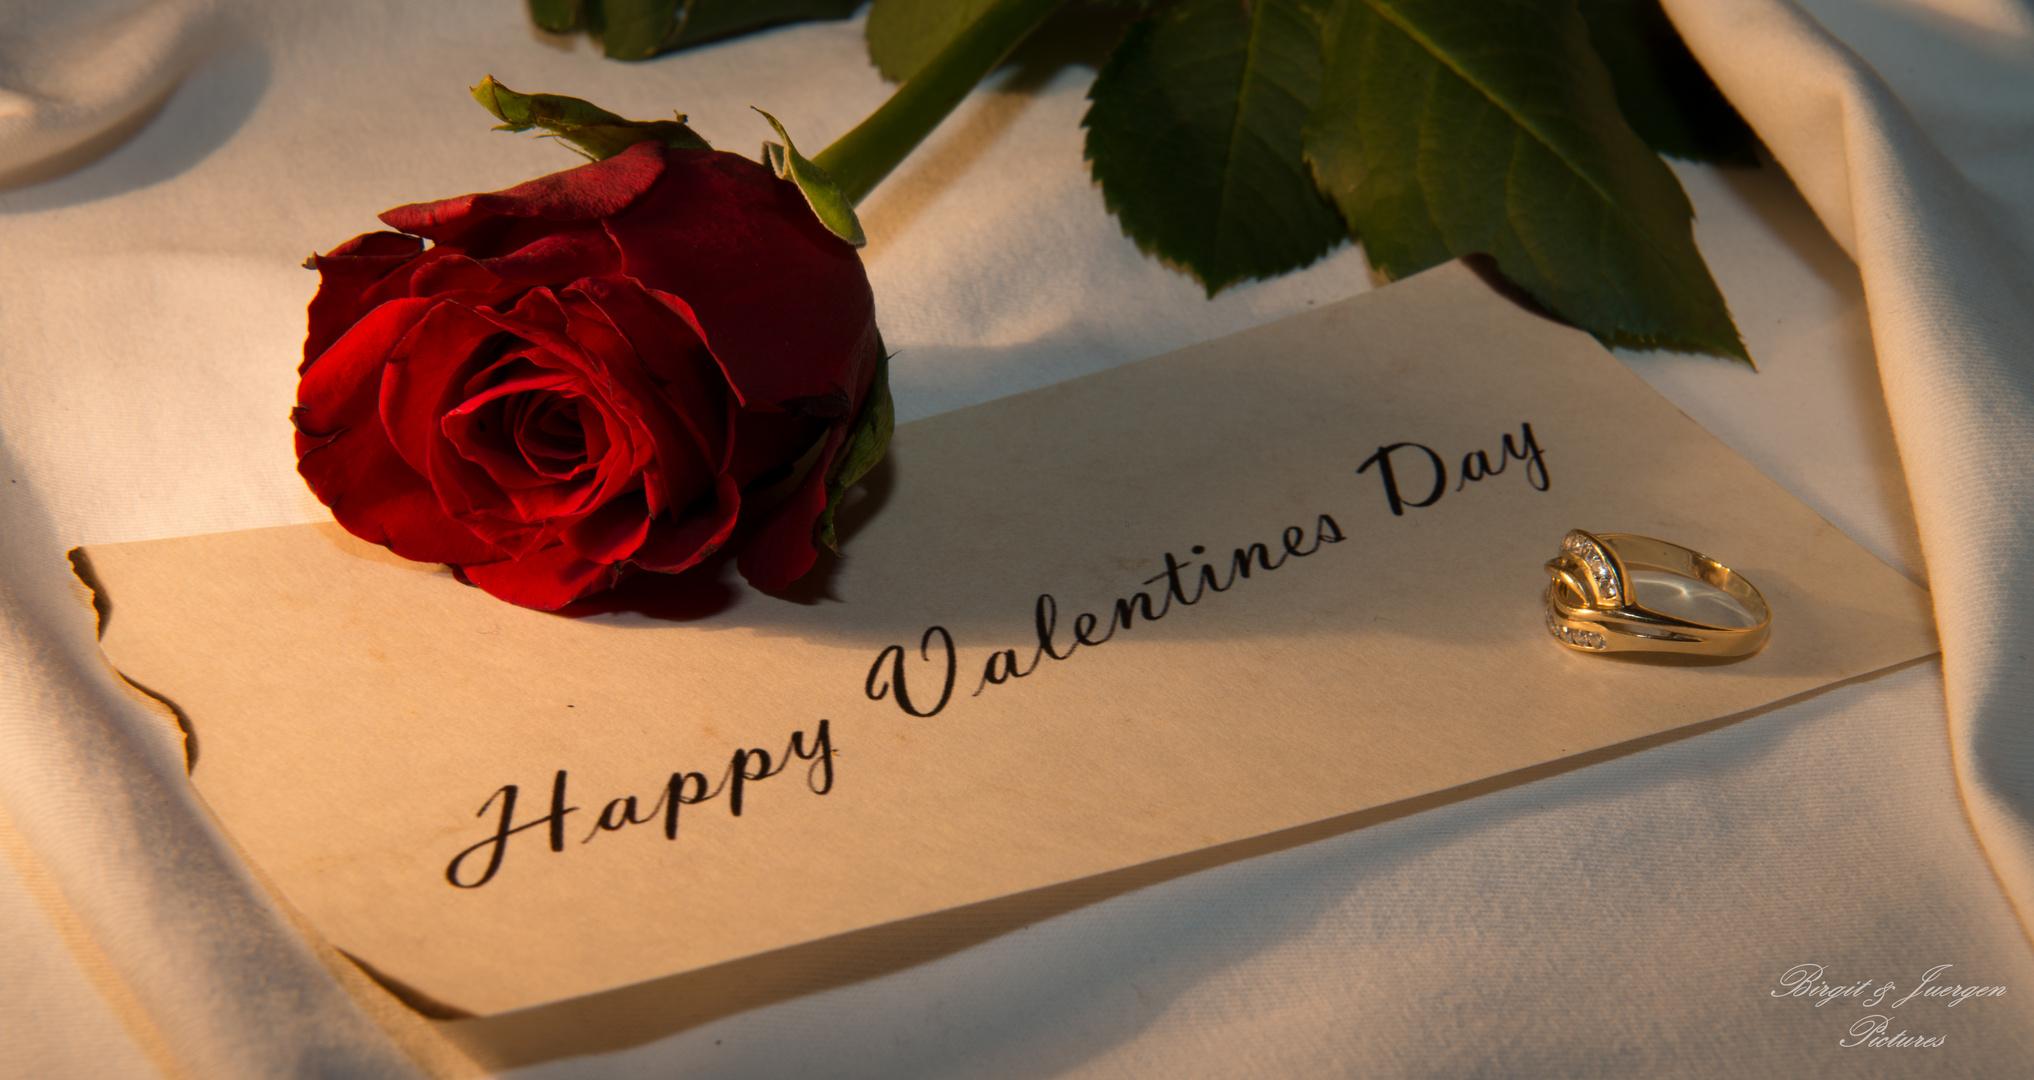 Ich Wünsche Einen Schönen Valentinstag Foto Bild Gratulation Und